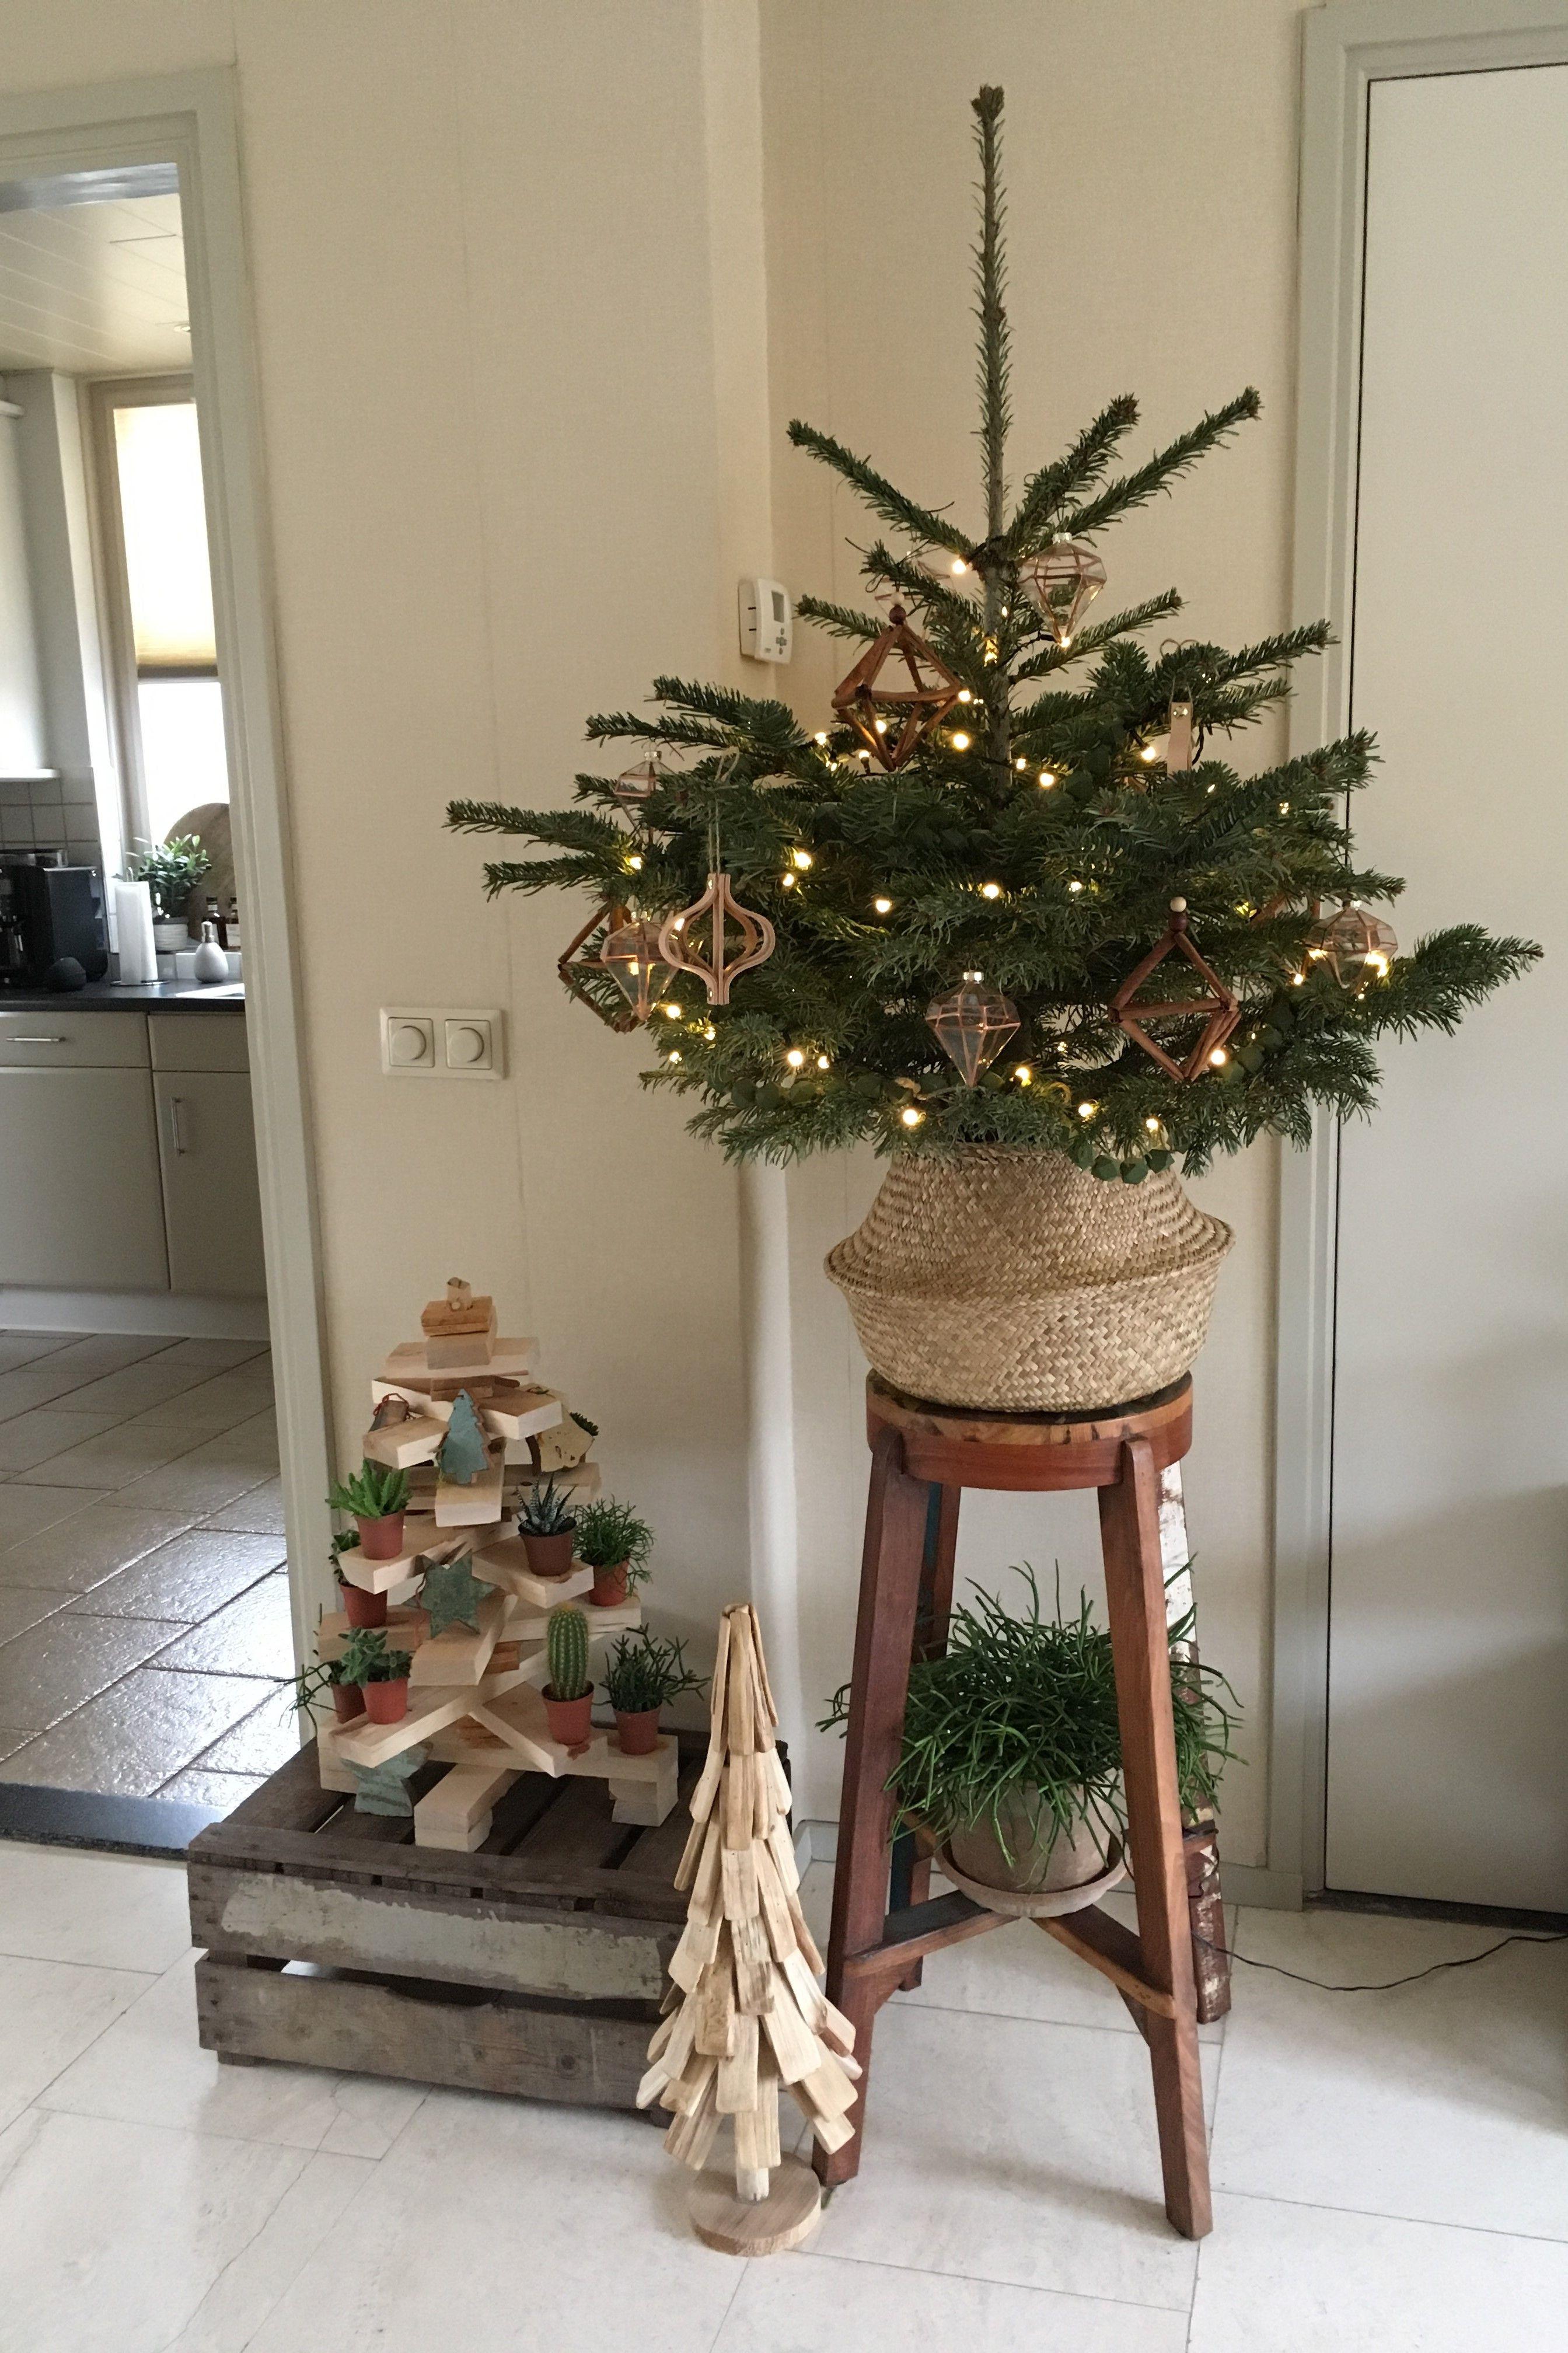 Kleine Nordmann Kerstboom In Ikea Mand Op Hoge Kruk Versierd Met Groene Houten Kralenslingers Glazen Do Landelijke Kerstbomen Stijlvolle Kerst Kerstdecoratie